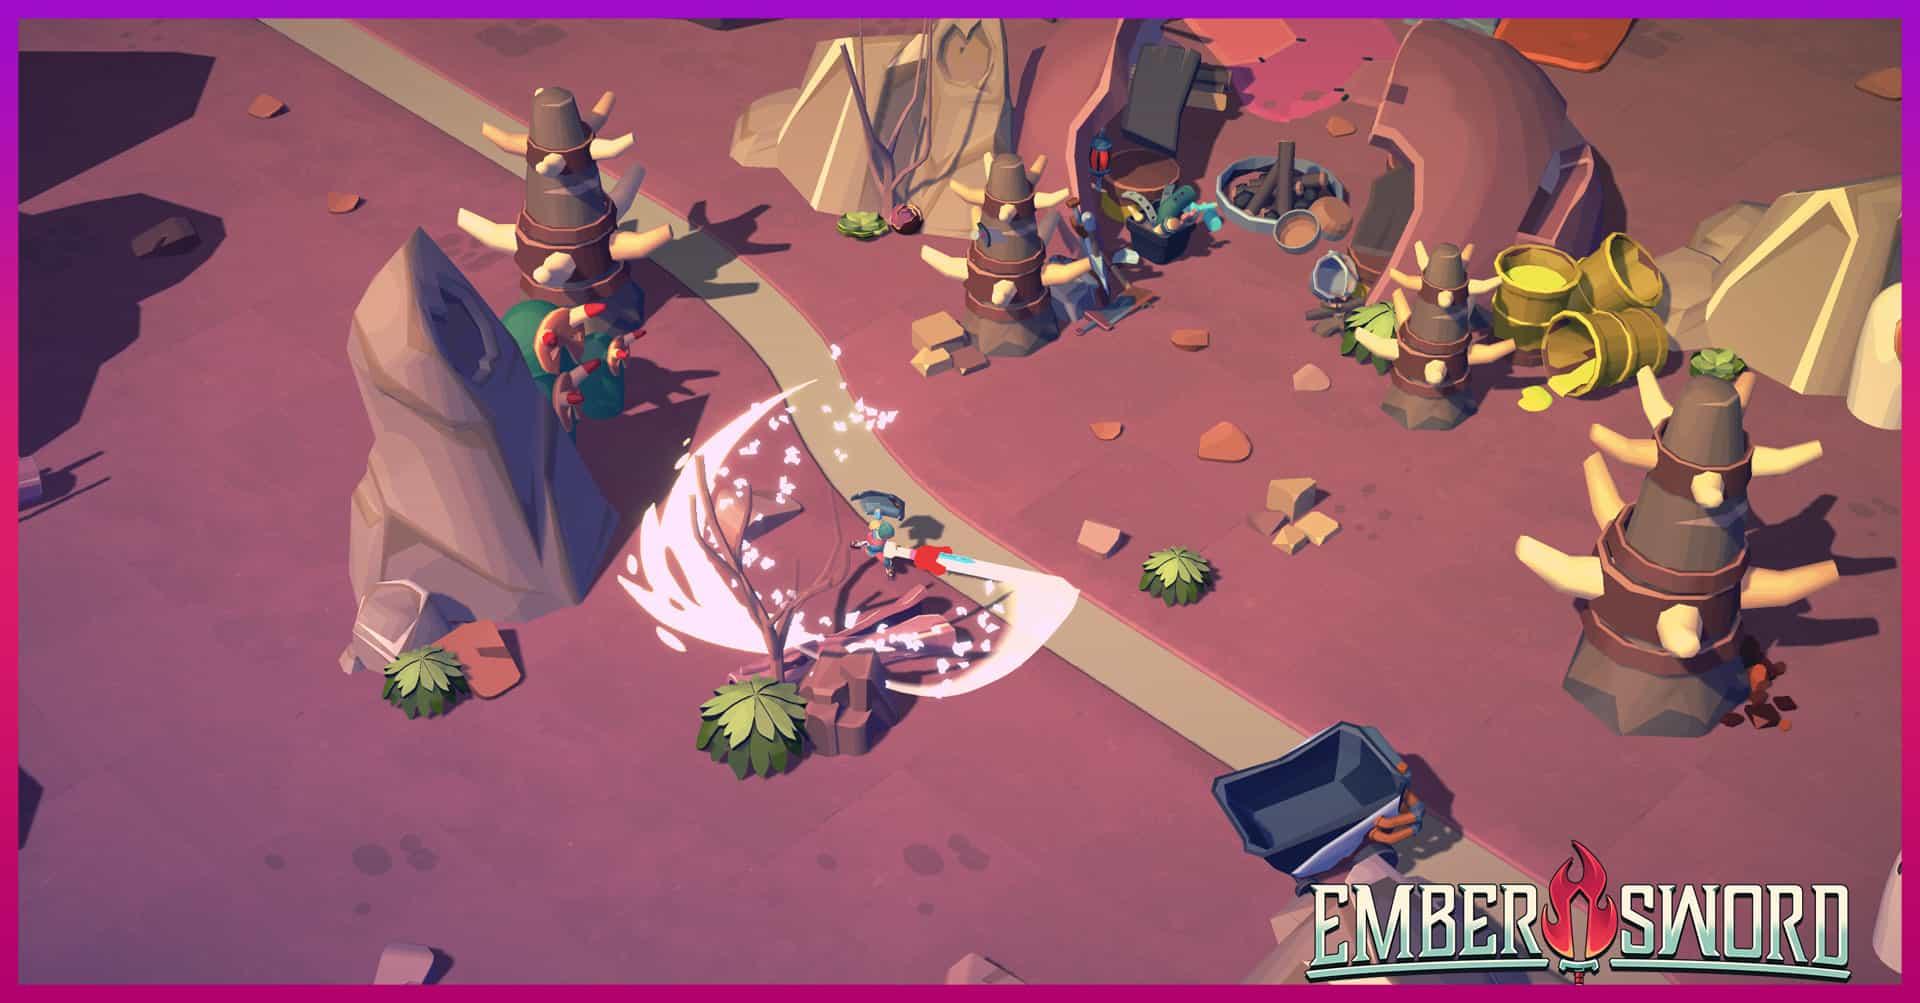 Ember Sword MMORPG Game Raises 700k in funding round